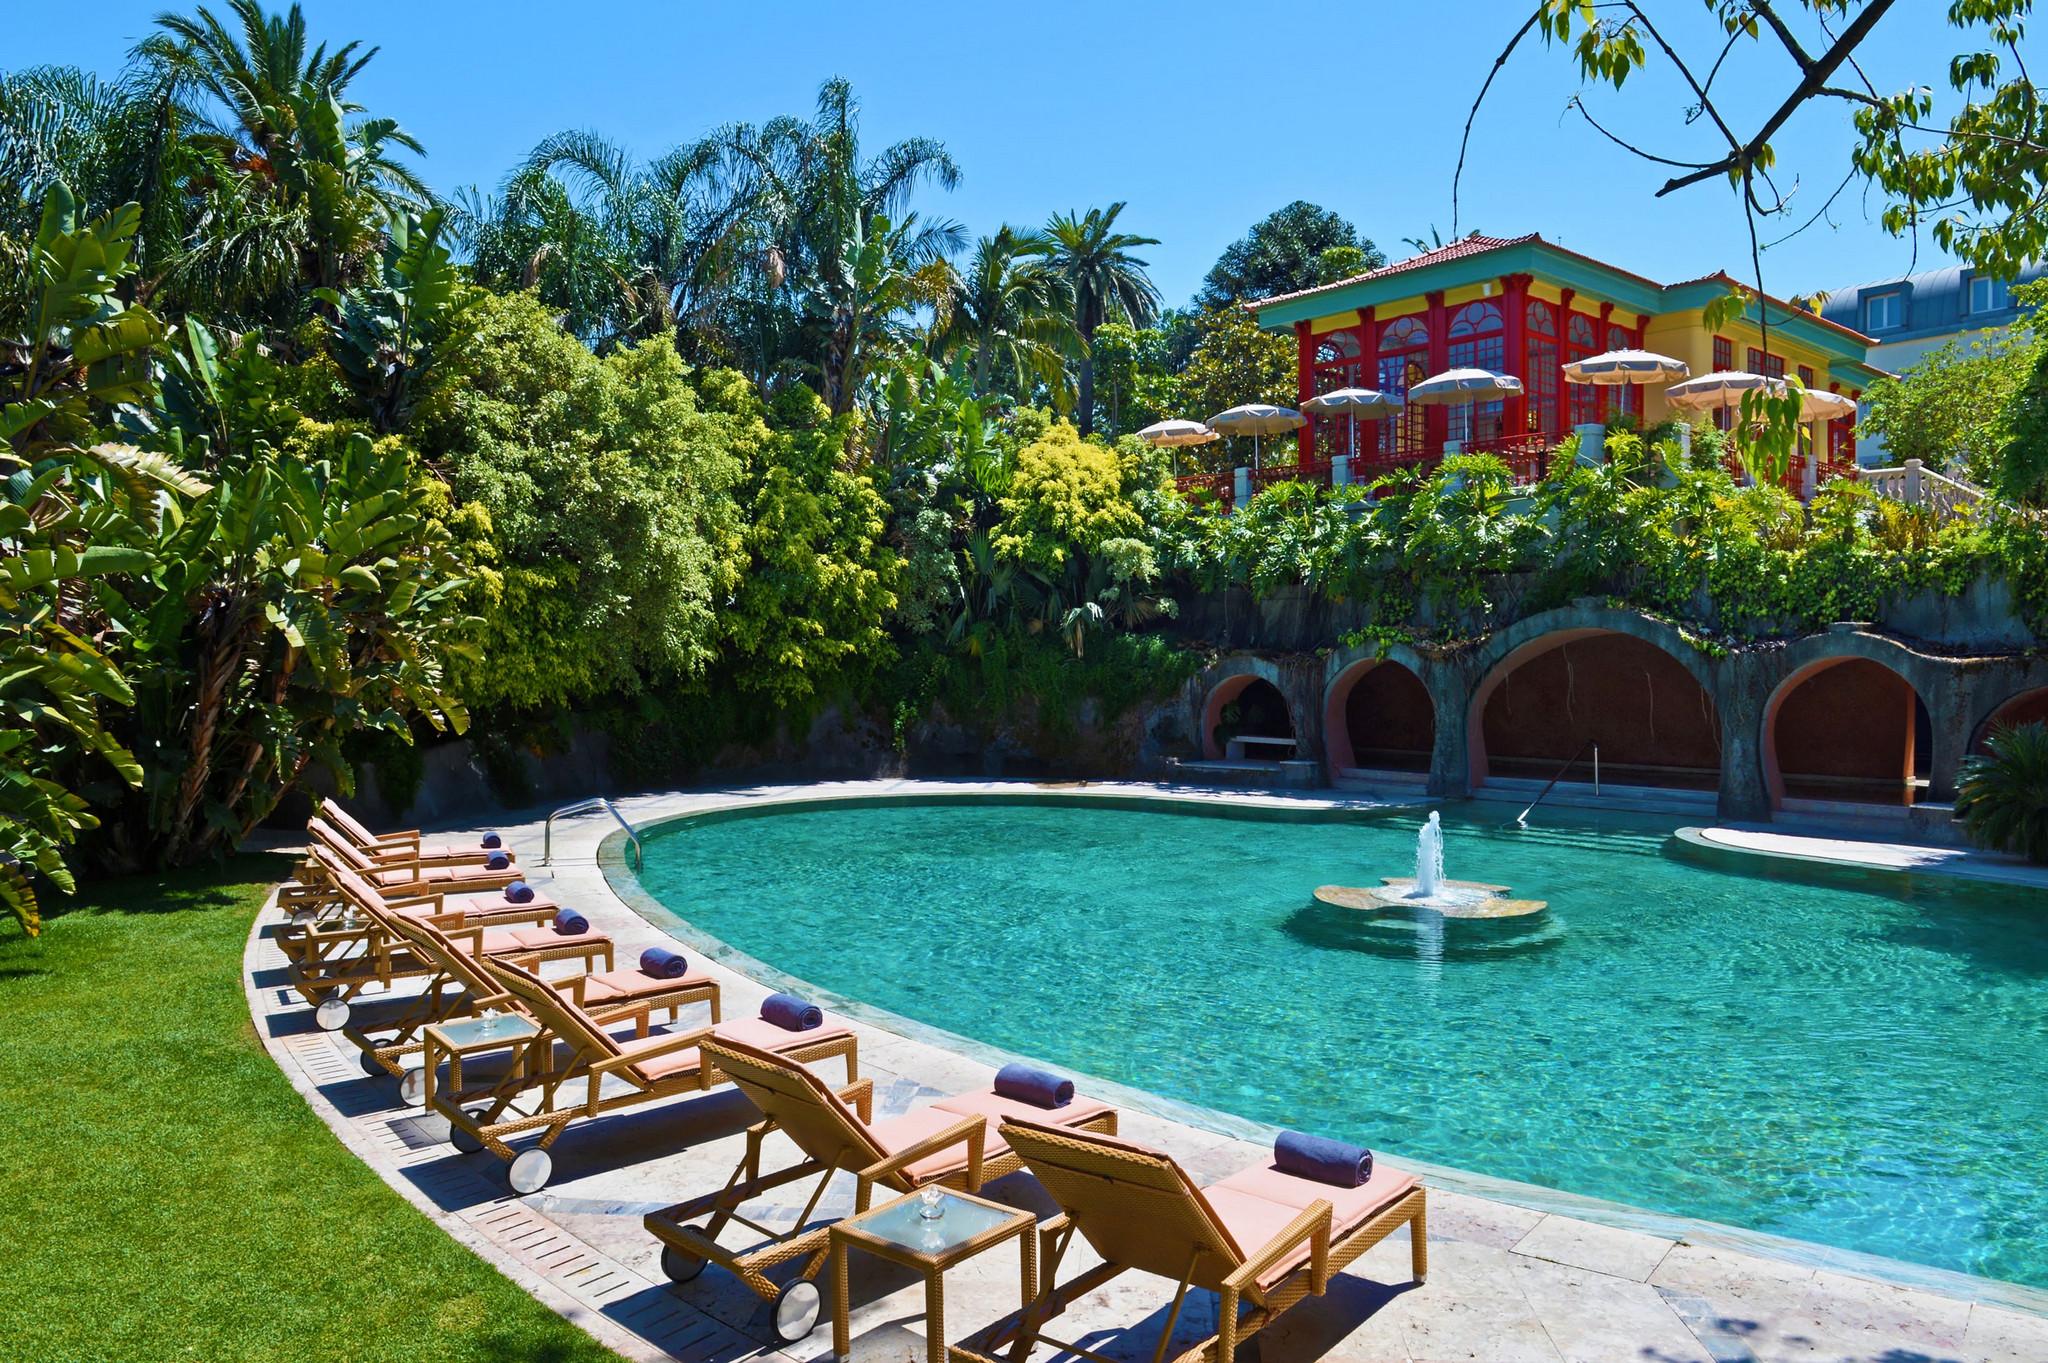 Les meilleurs spas de lisbonne week end et voyage lisbonne for Hotel design piscine lisbonne